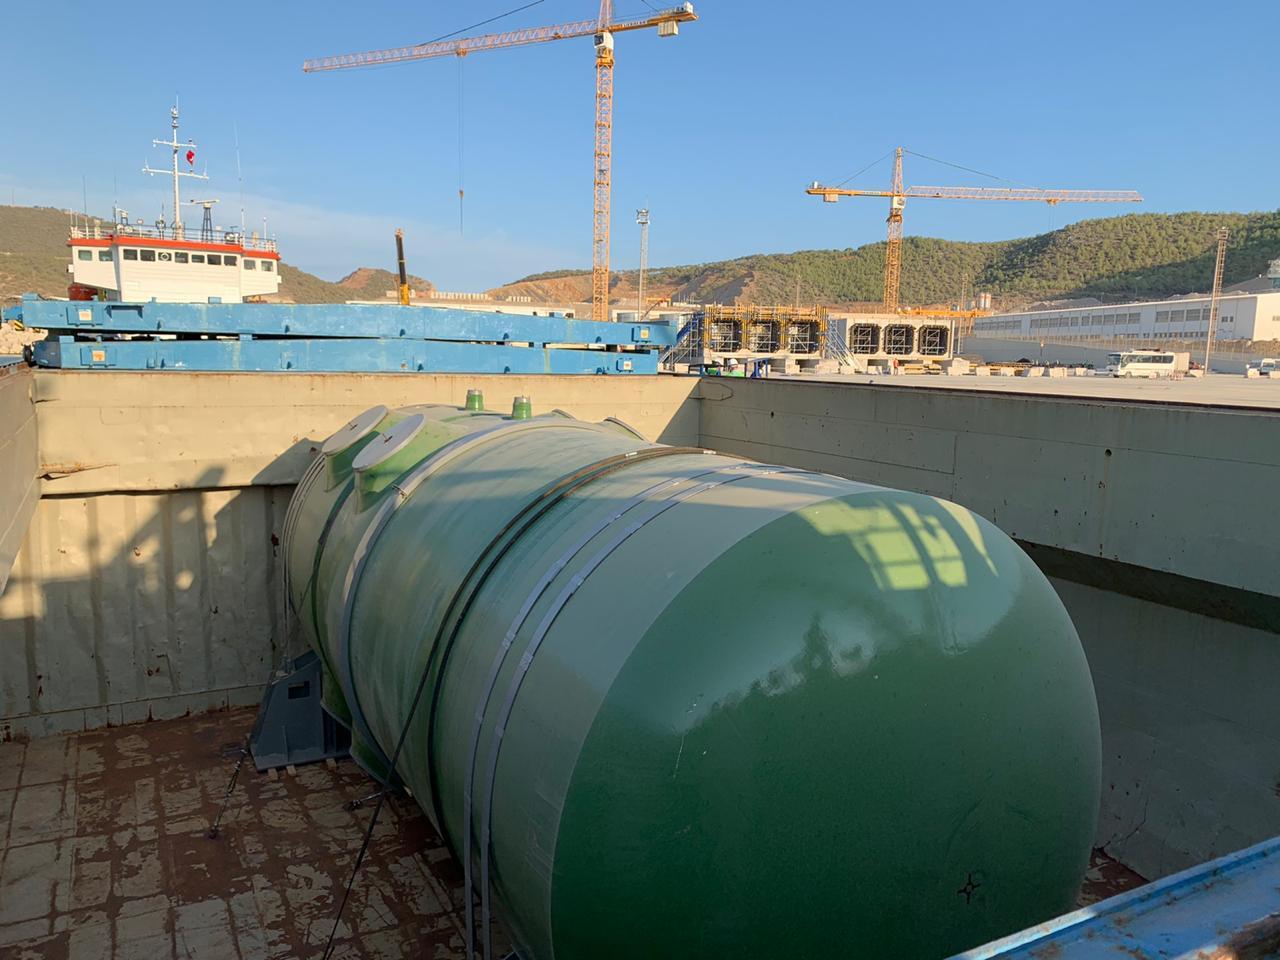 jaderná energie - Do turecké JE Akkuyu dorazila reaktorová nádoba 1. bloku - Nové bloky ve světě (Tlaková nádoba reaktoru prvního bloku po doručení do lokality Akkuyu) 2